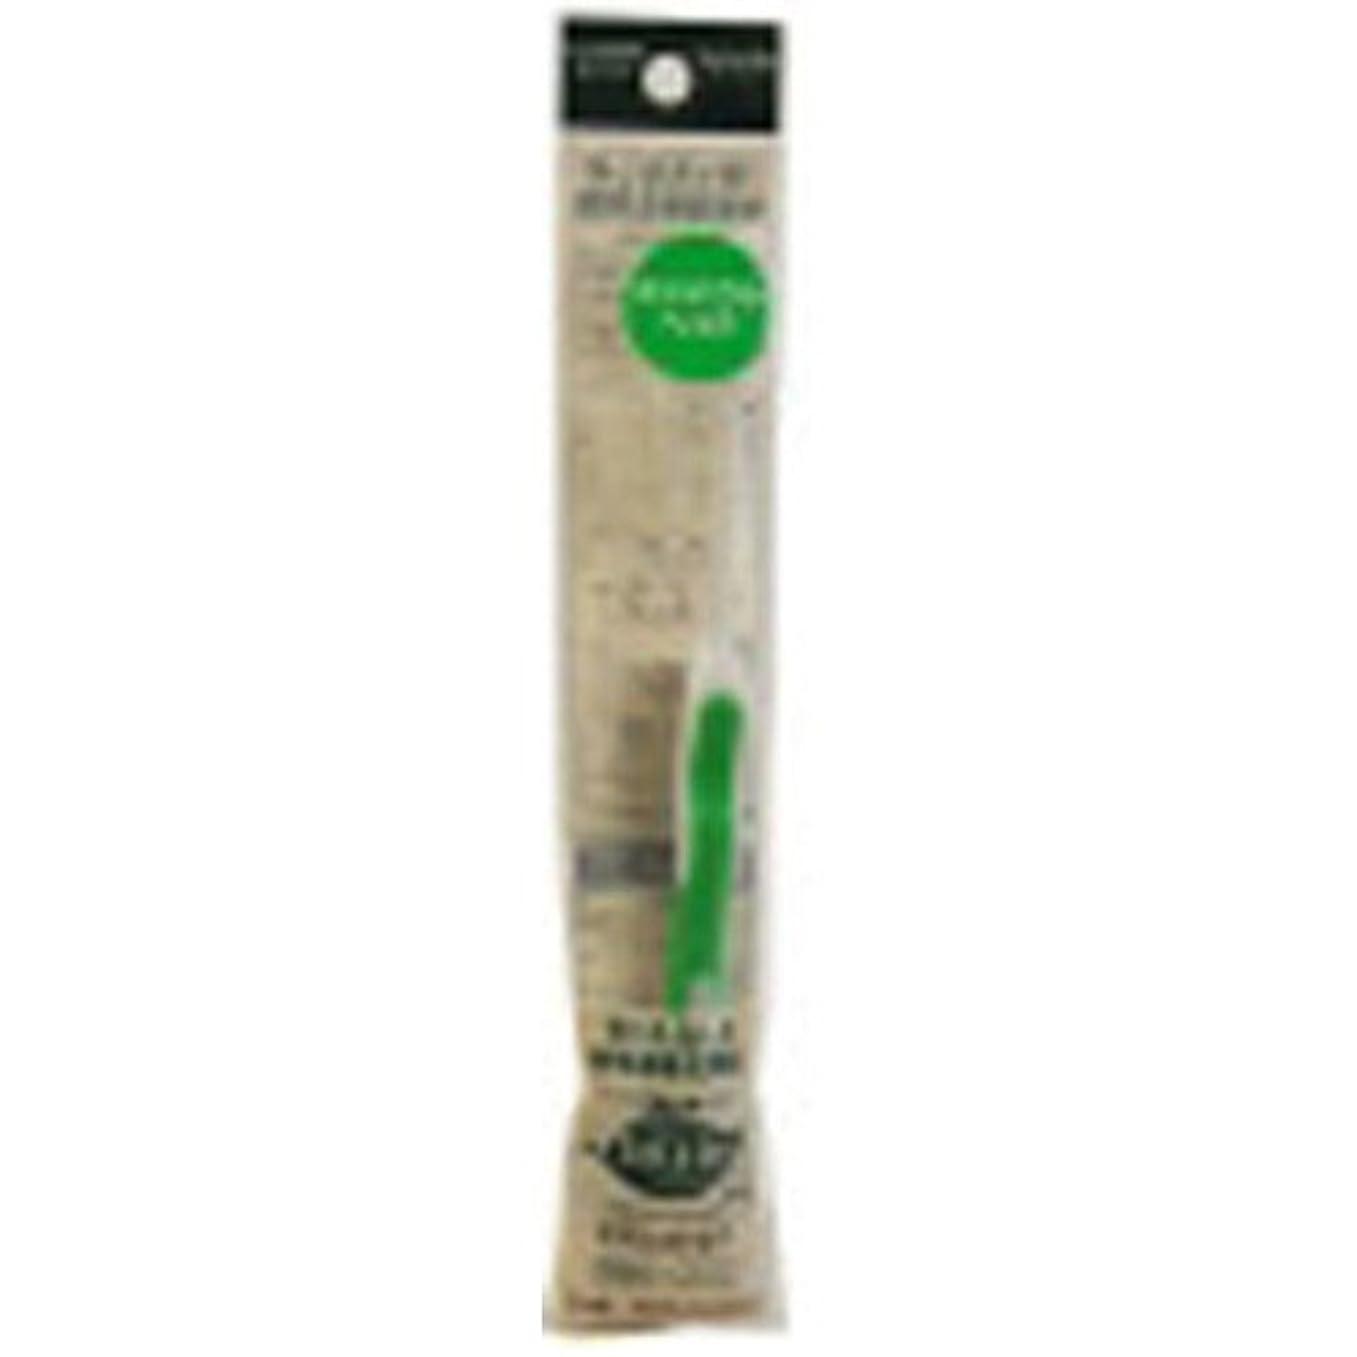 樹皮意図的悪名高いサレド ヘッド交換式歯ブラシ お試しセット コンパクトヘッド グリーン